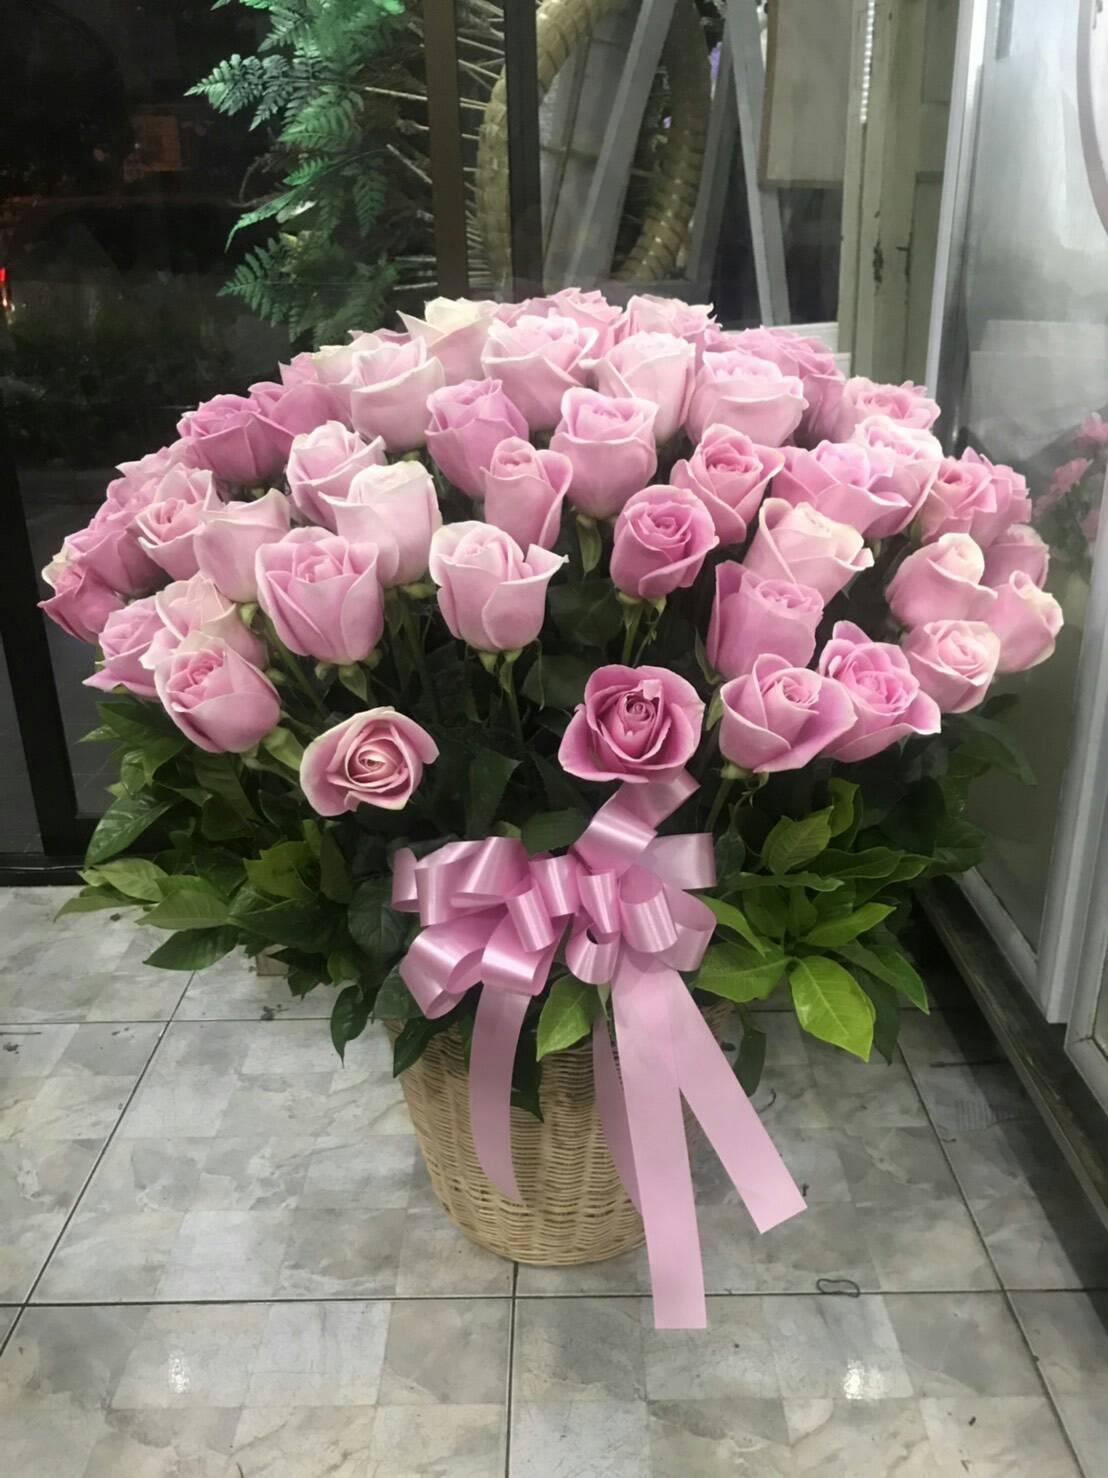 กระเช้าดอกกุหลาบแสนสวย สื่อถึงความรักอันอ่อนหวานและอ่อนโยน